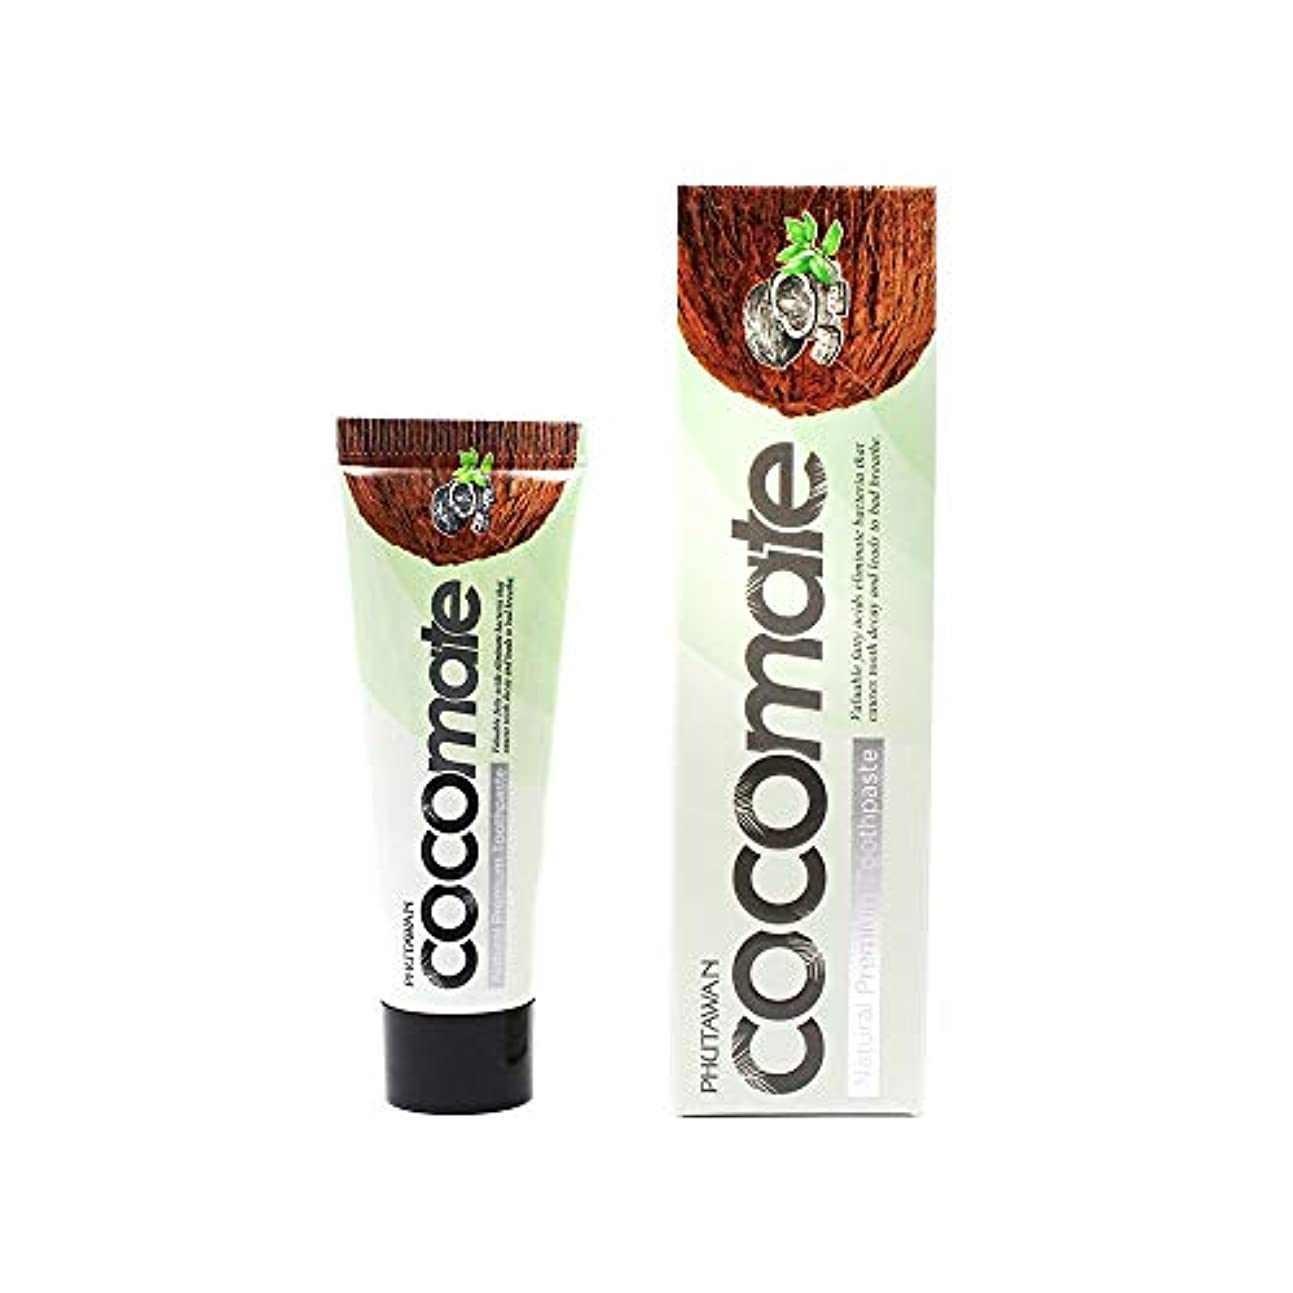 歯磨き粉 Cocomate Natural Premium Toothpaste